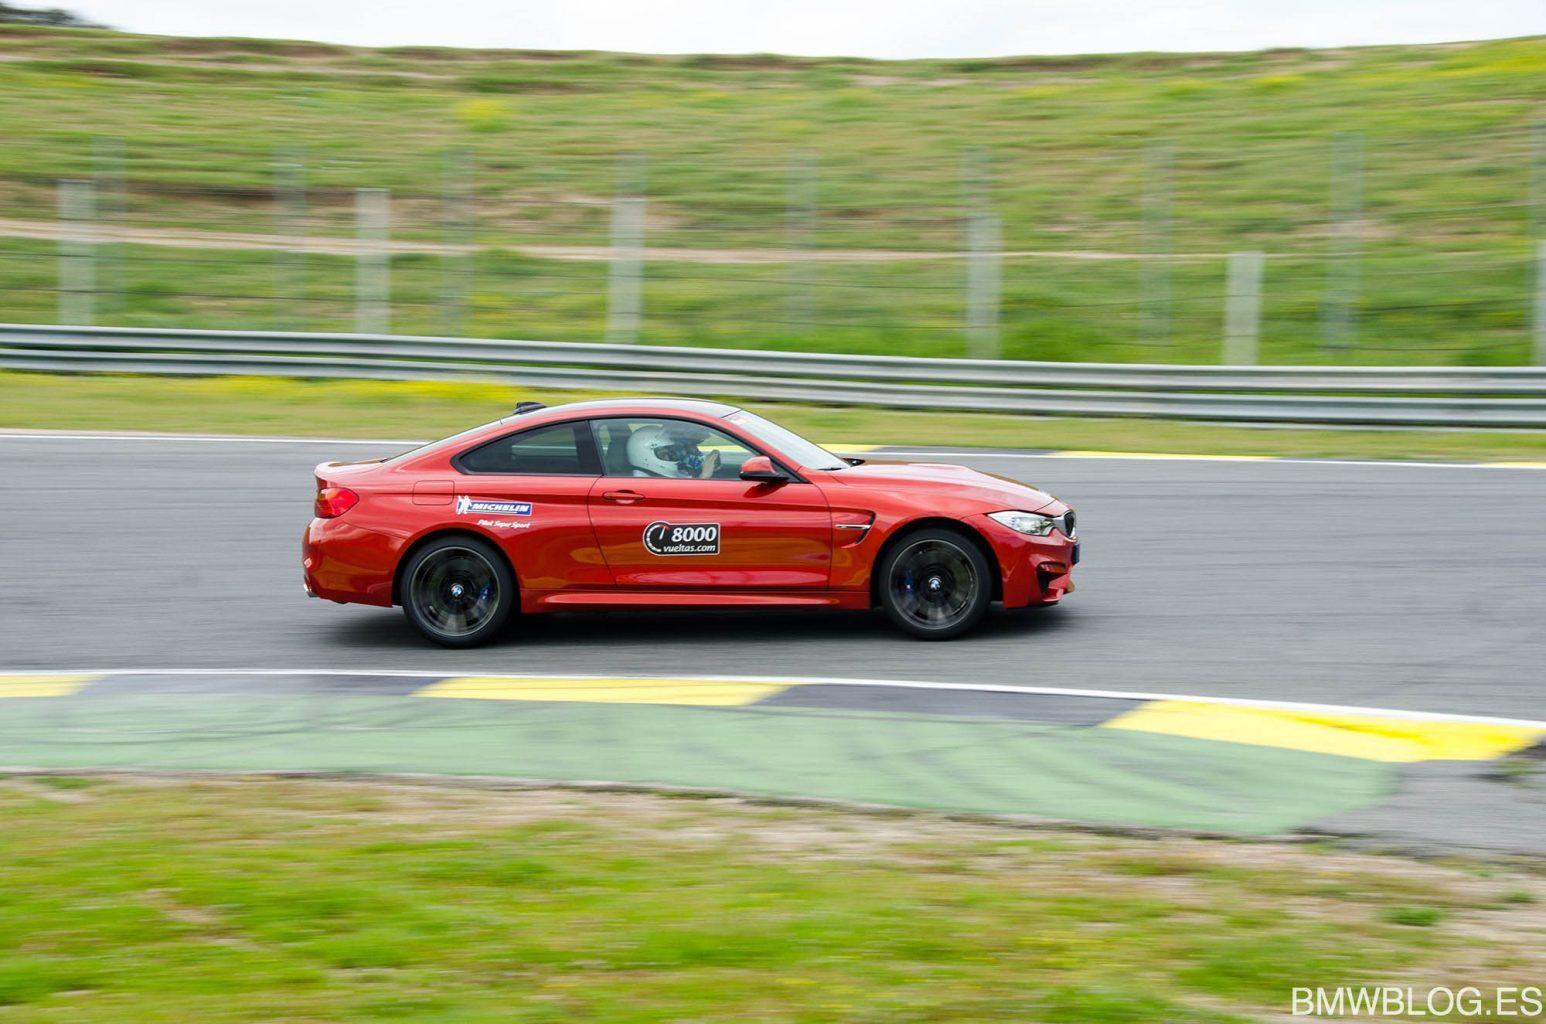 Barrido-BMW-6